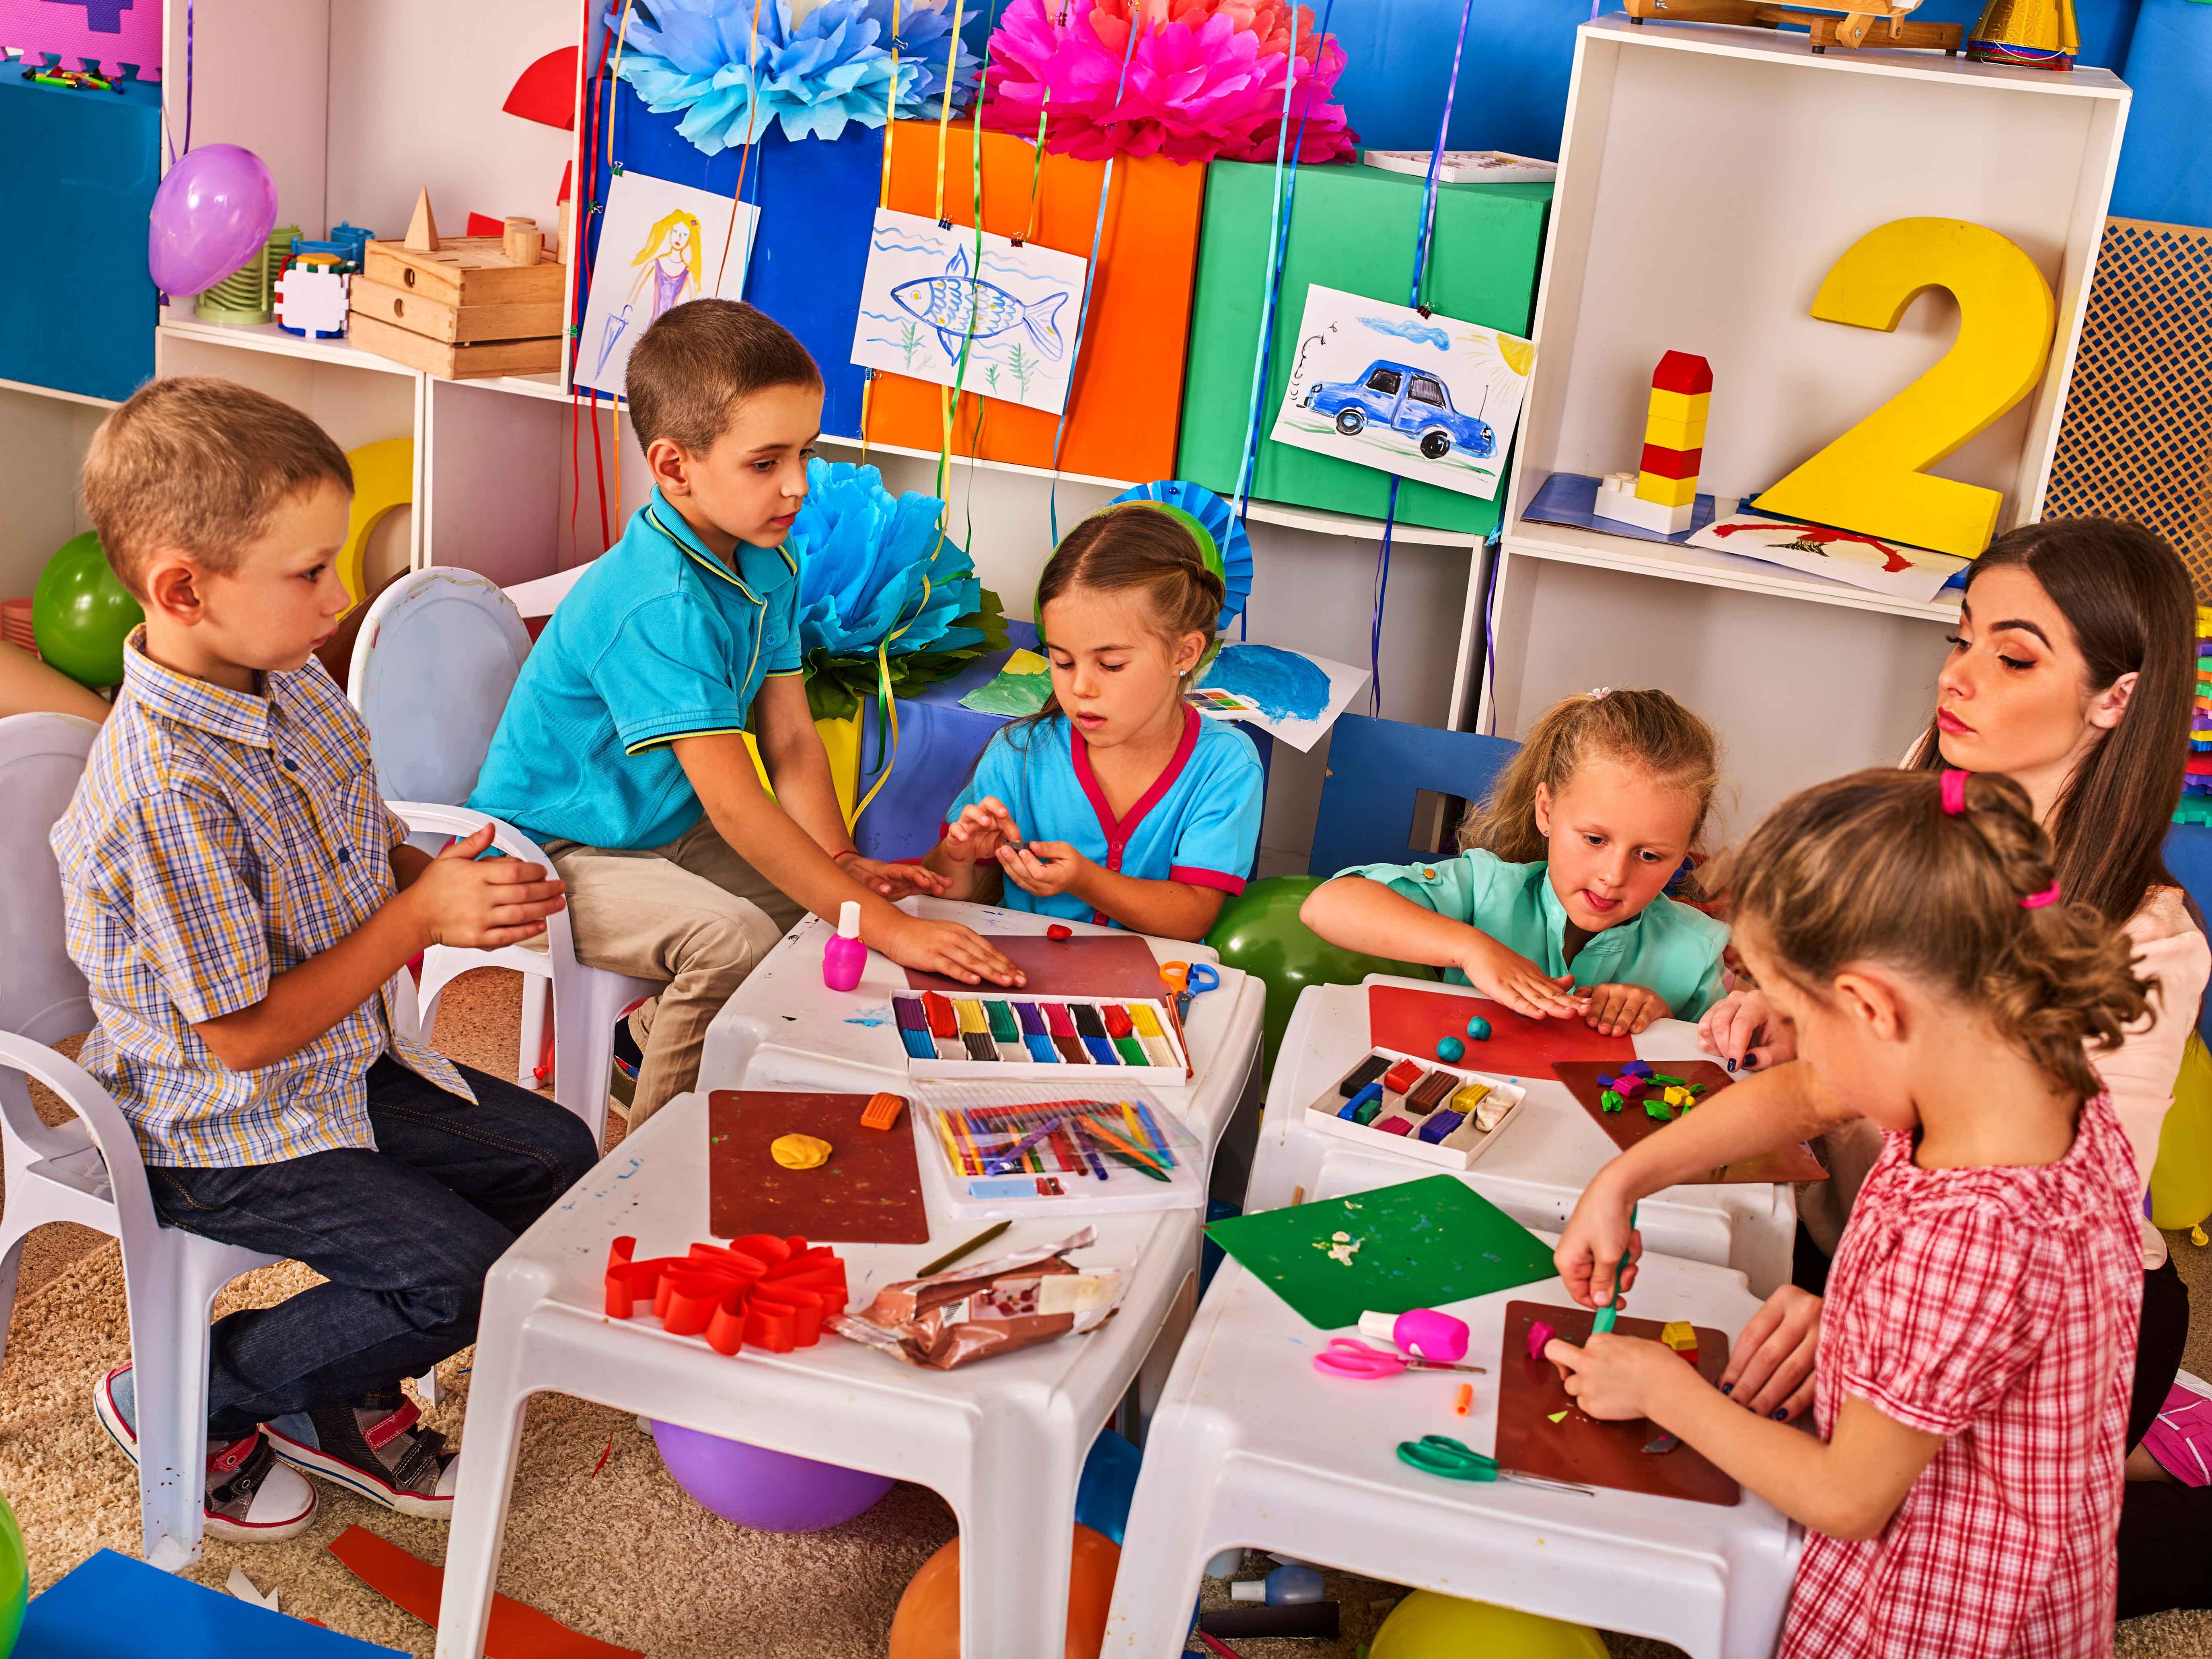 Ludoteca en la que juegan varios niños con una supervisora